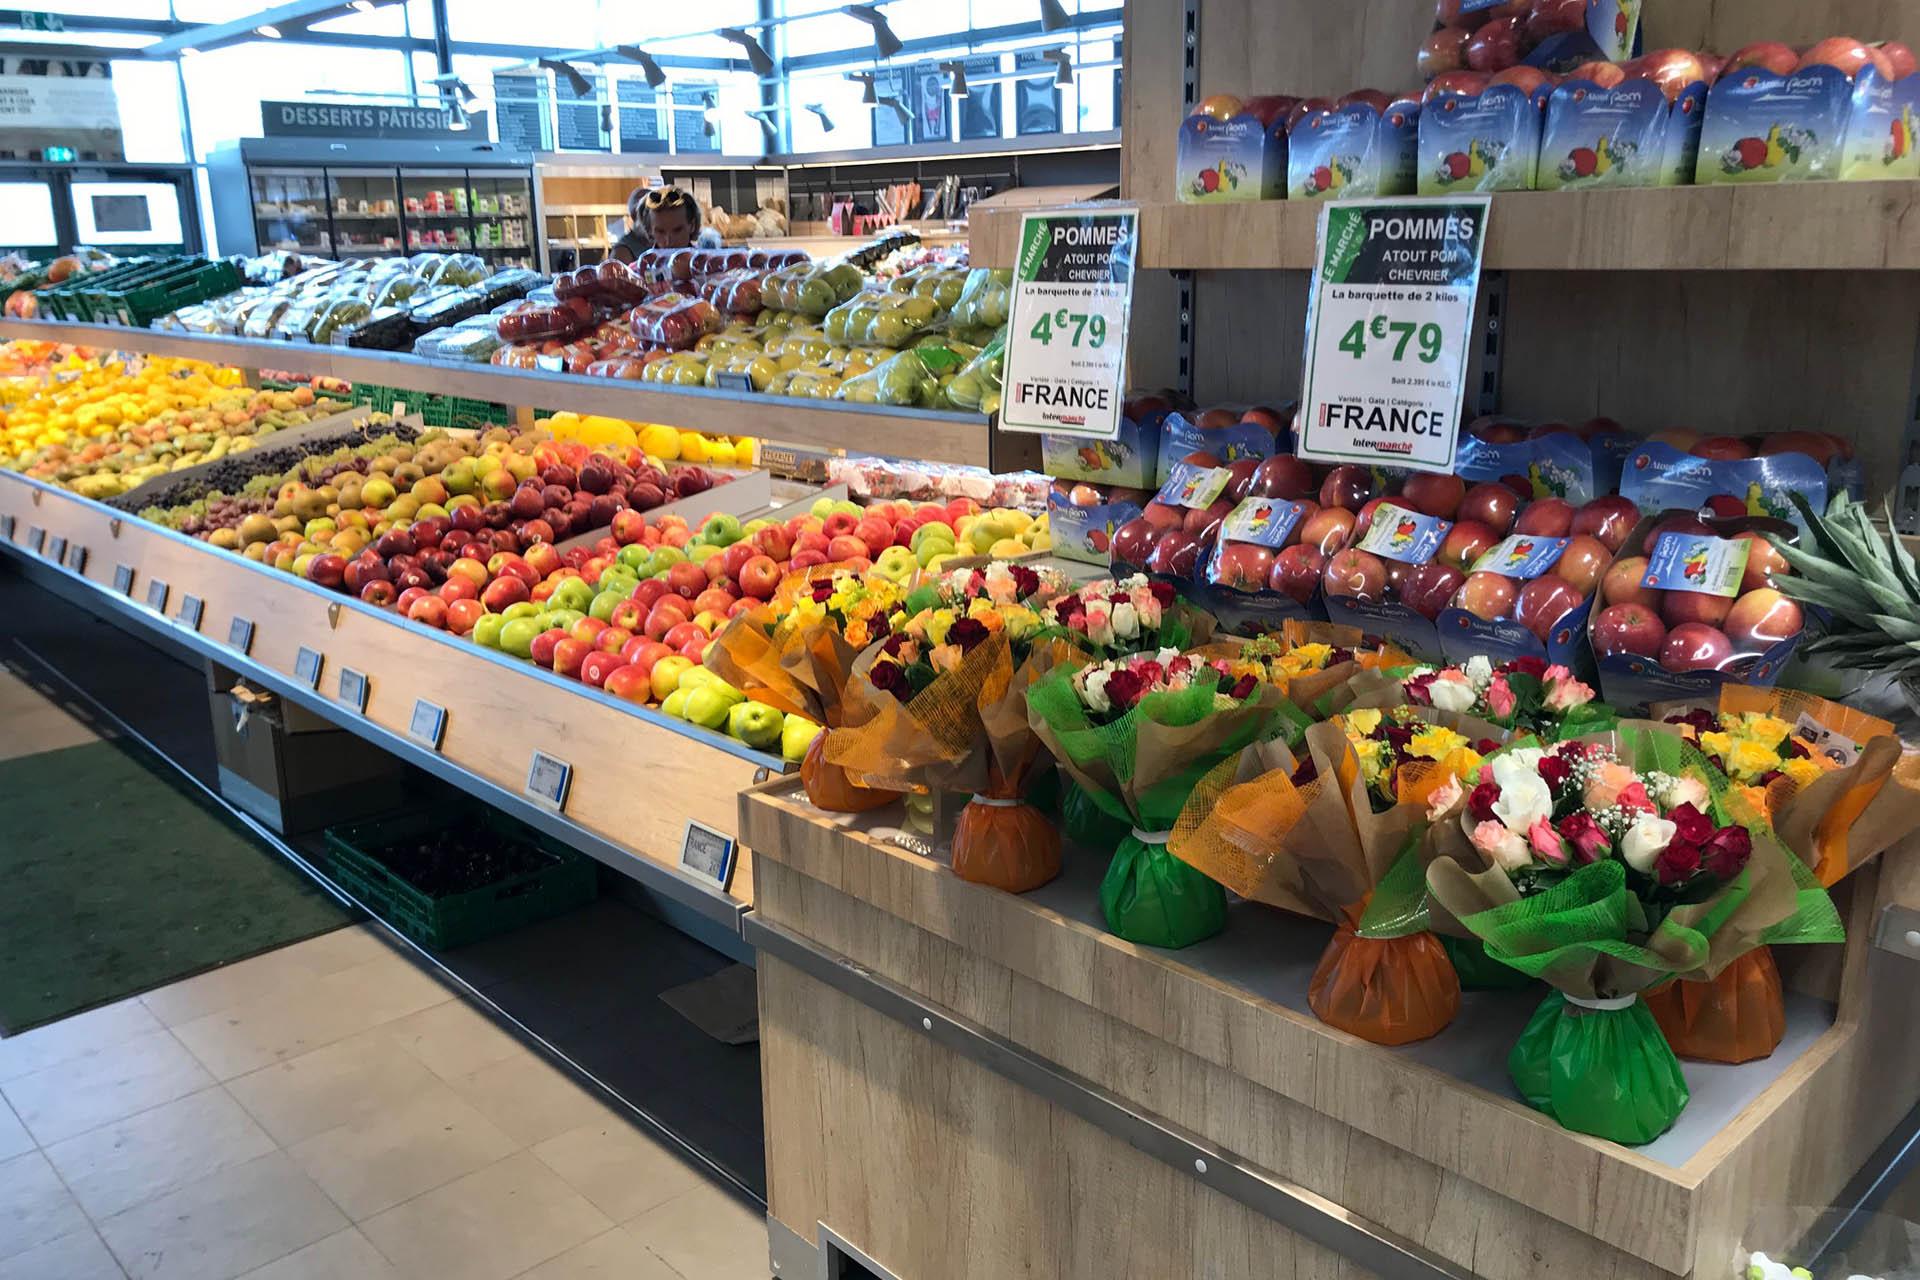 fleurs et table fruits légumes